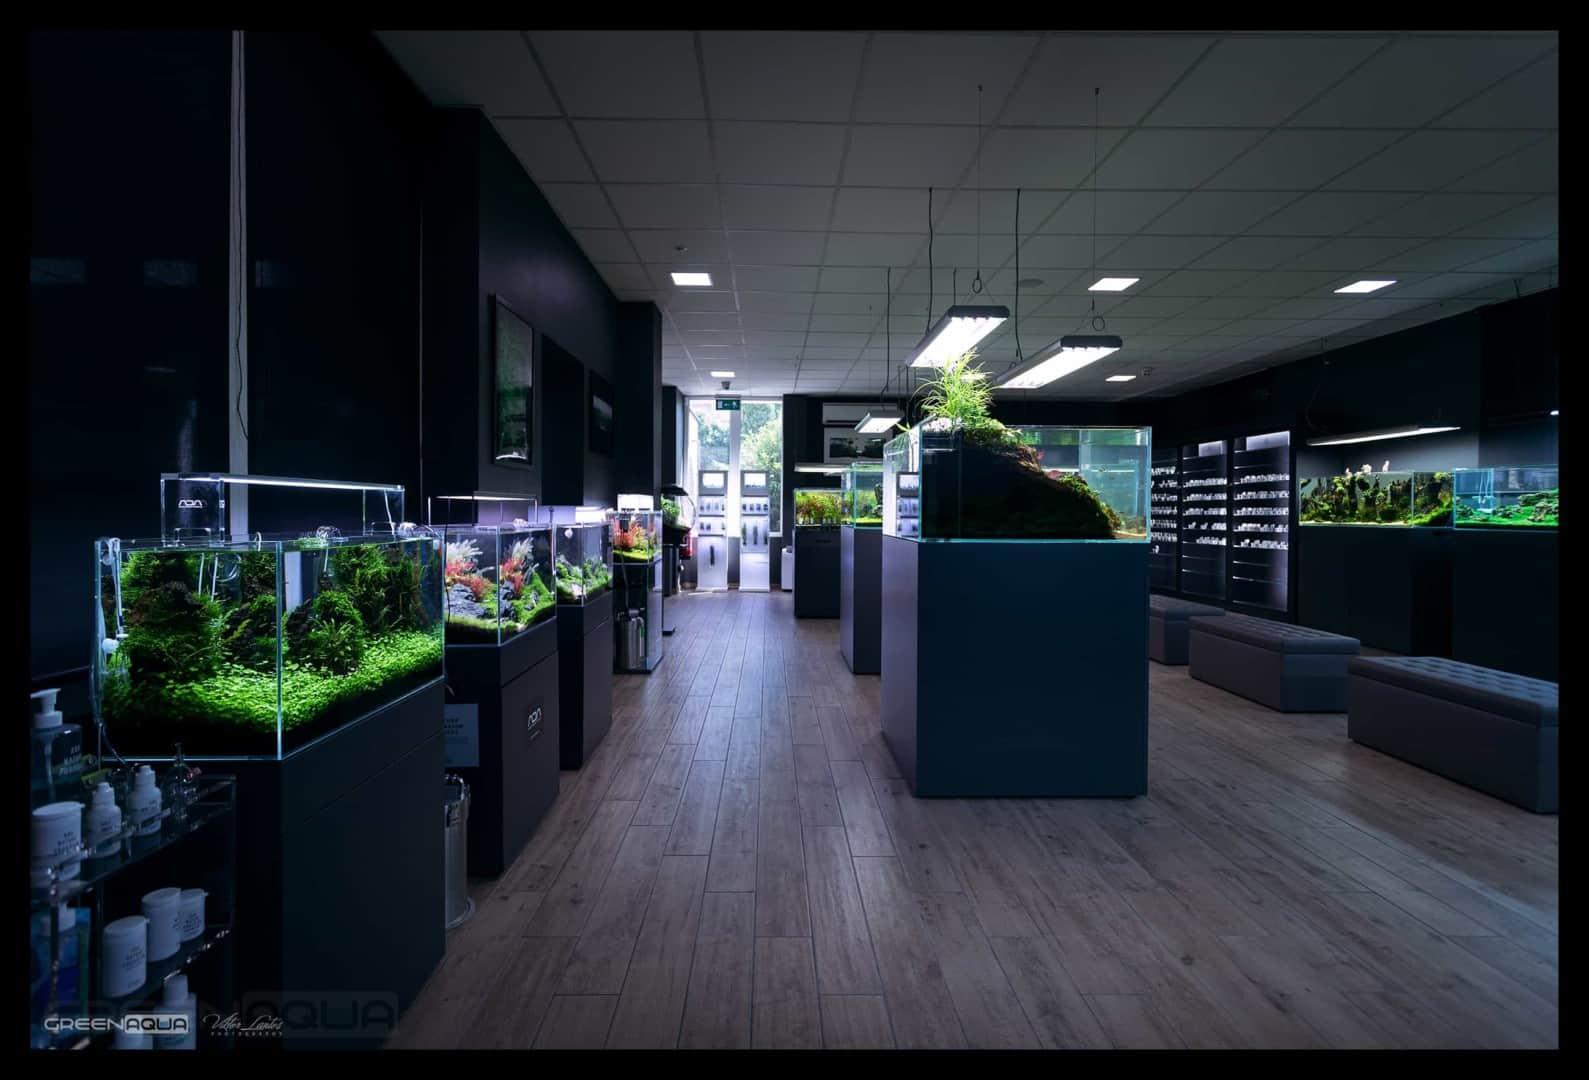 174 Green Aqua 2.0 (Volker Jochum) 15